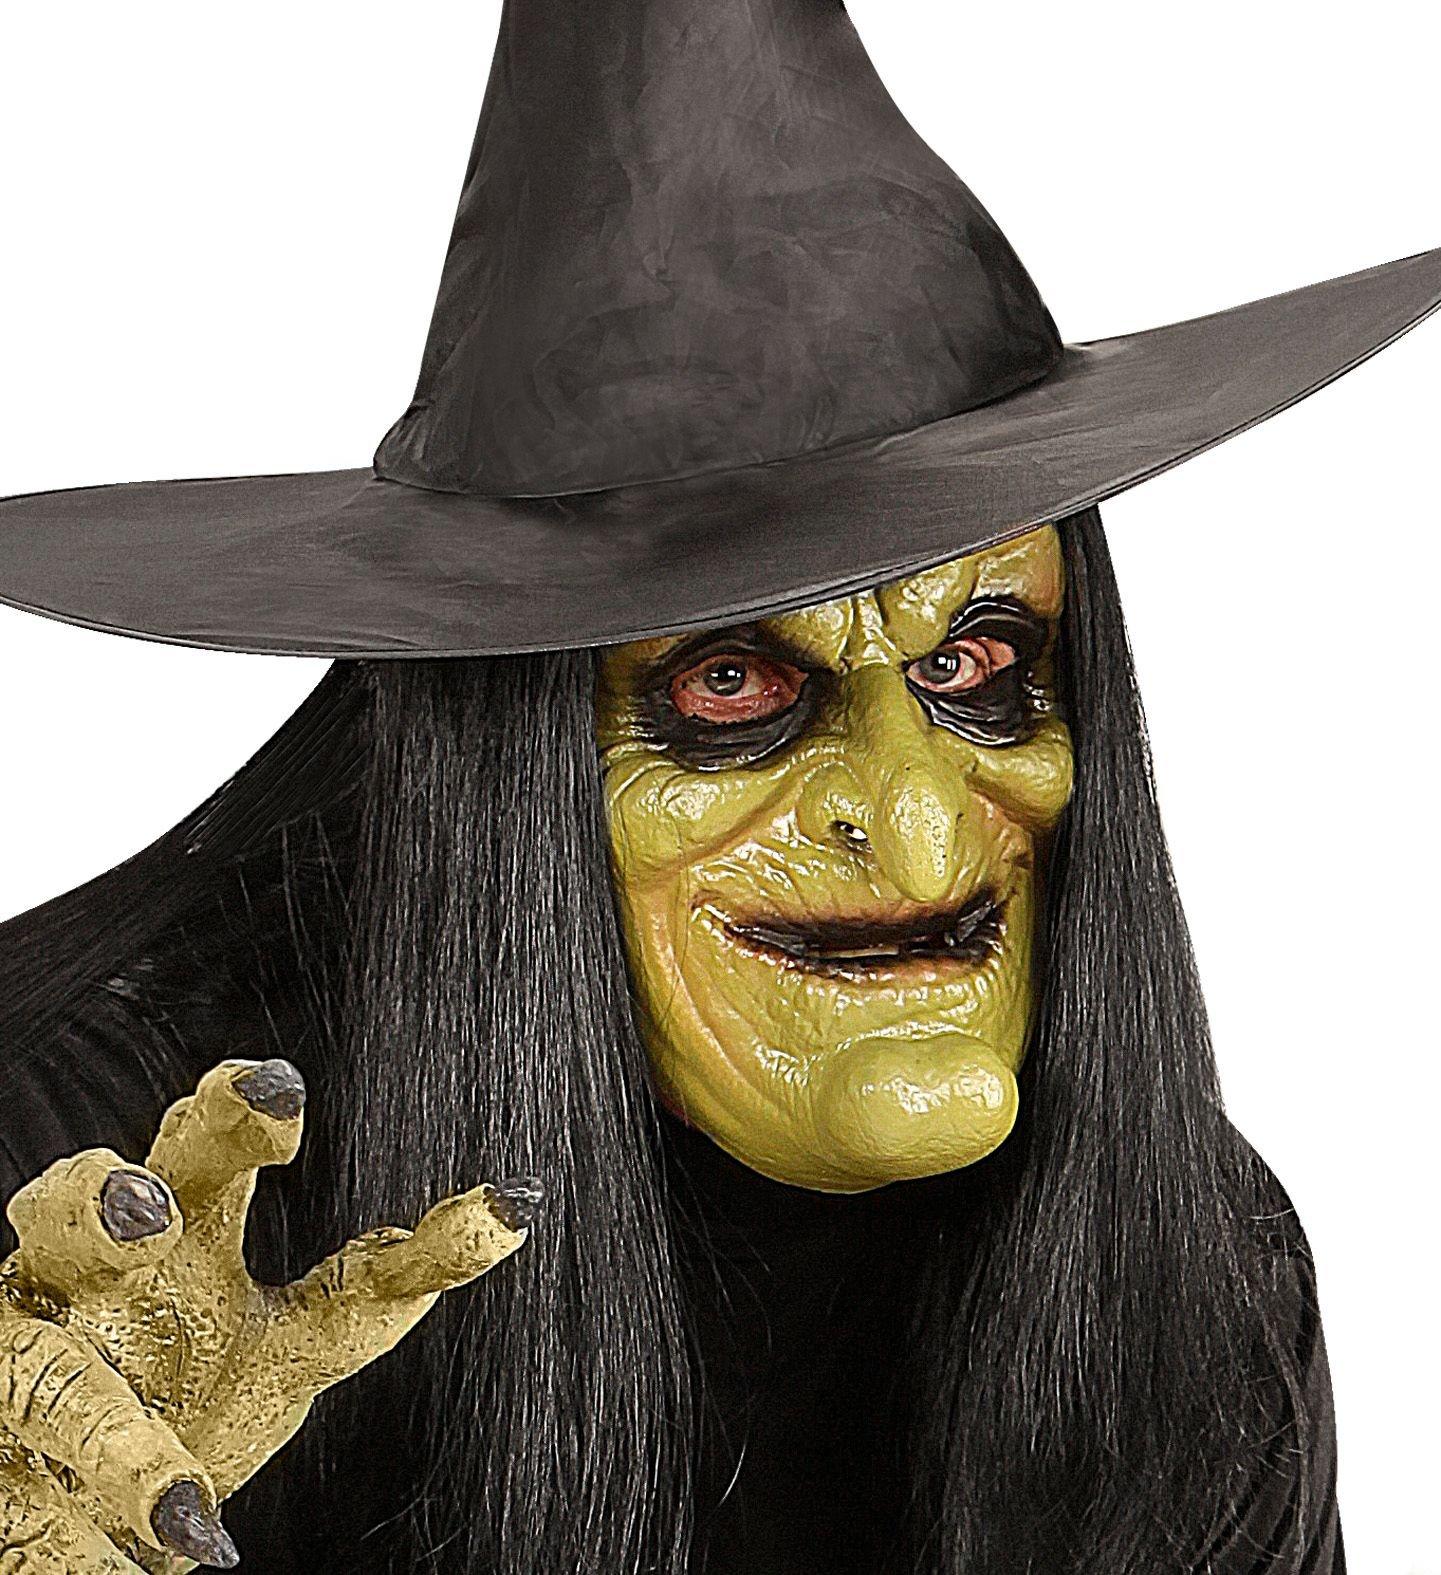 Heksen masker met haar kind